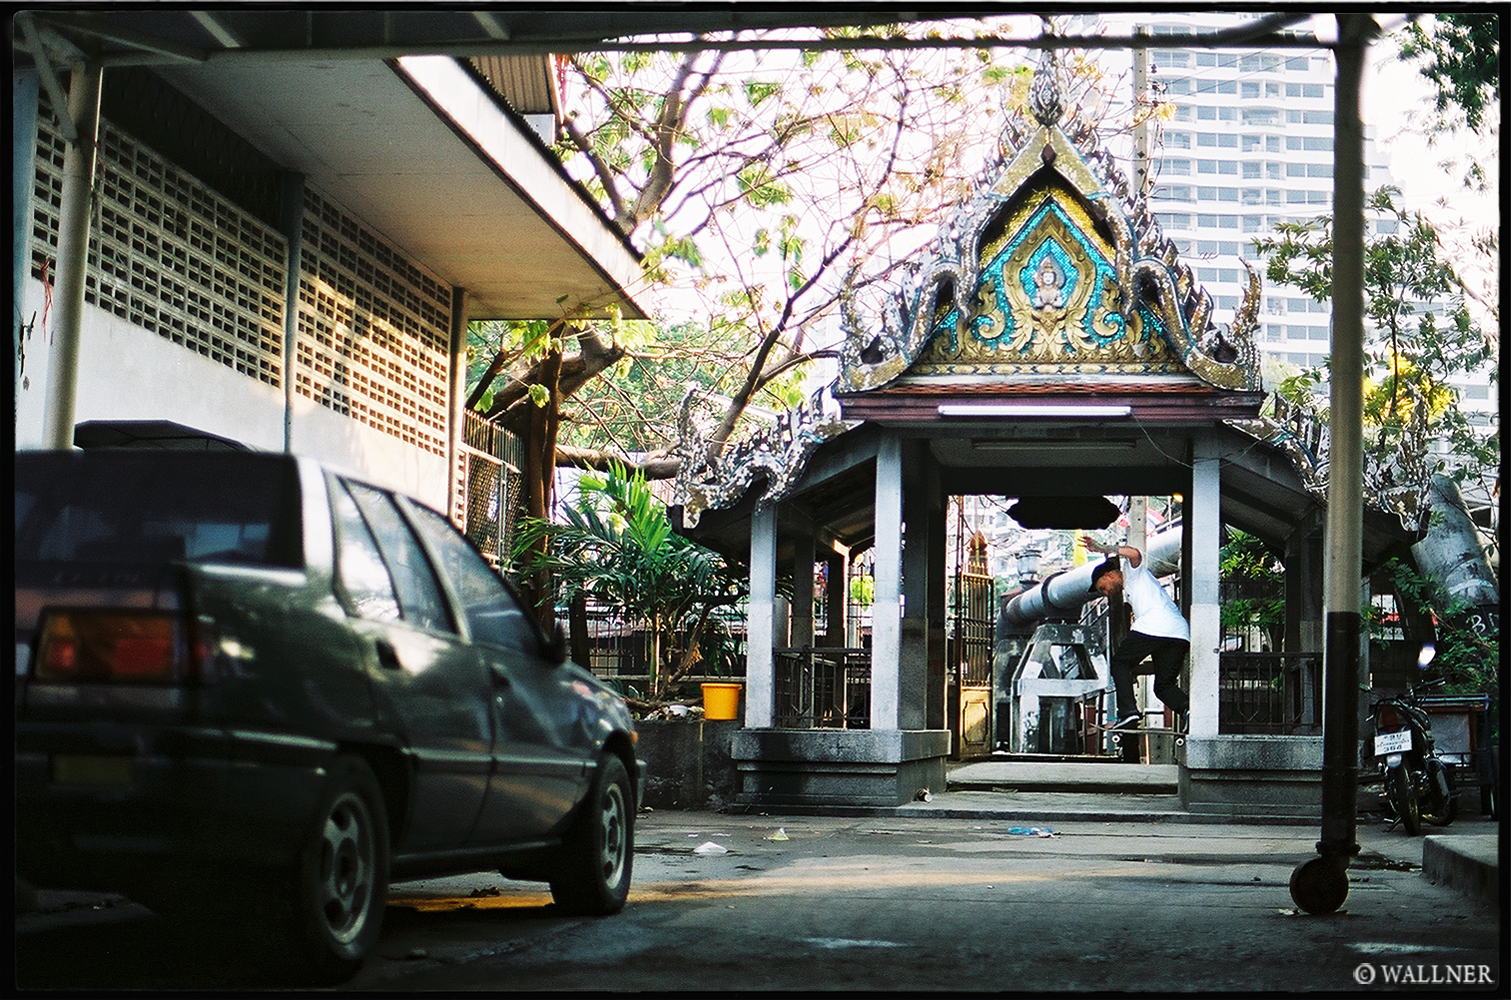 35mmPatrikWallner_Bangkok_GerardBoatTempleBsTailLOWQ